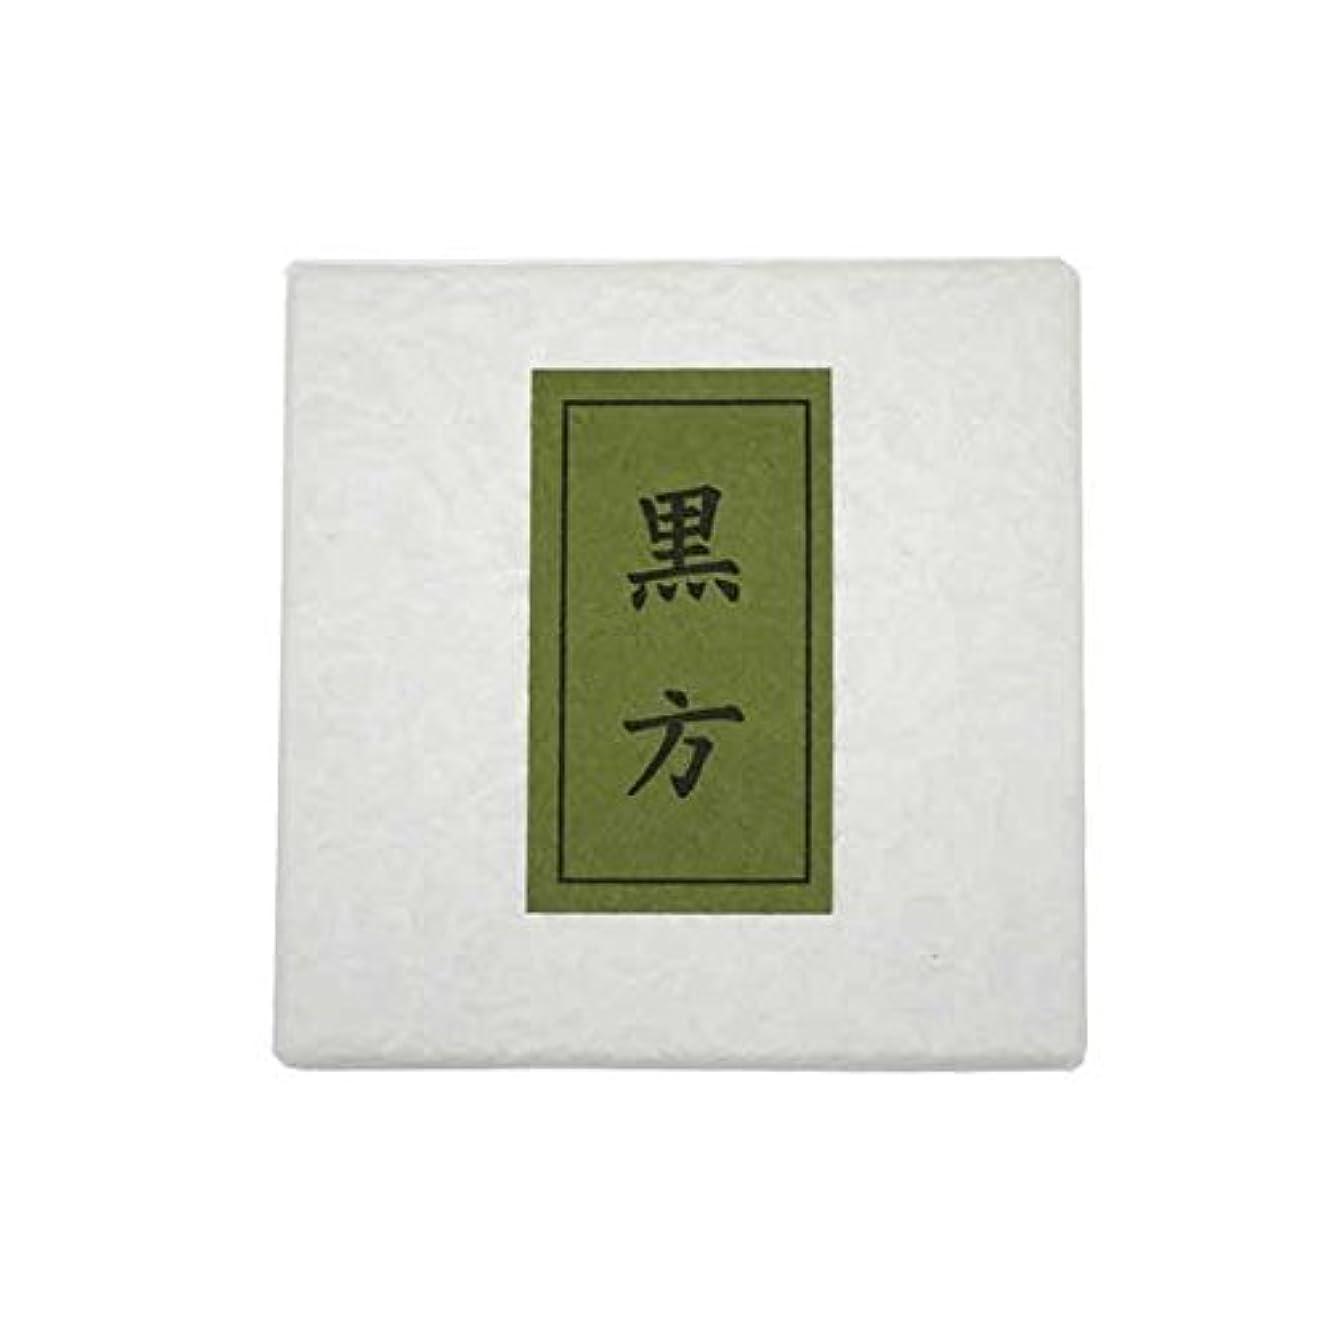 情熱忠誠薬黒方 紙箱入(ビニール入)